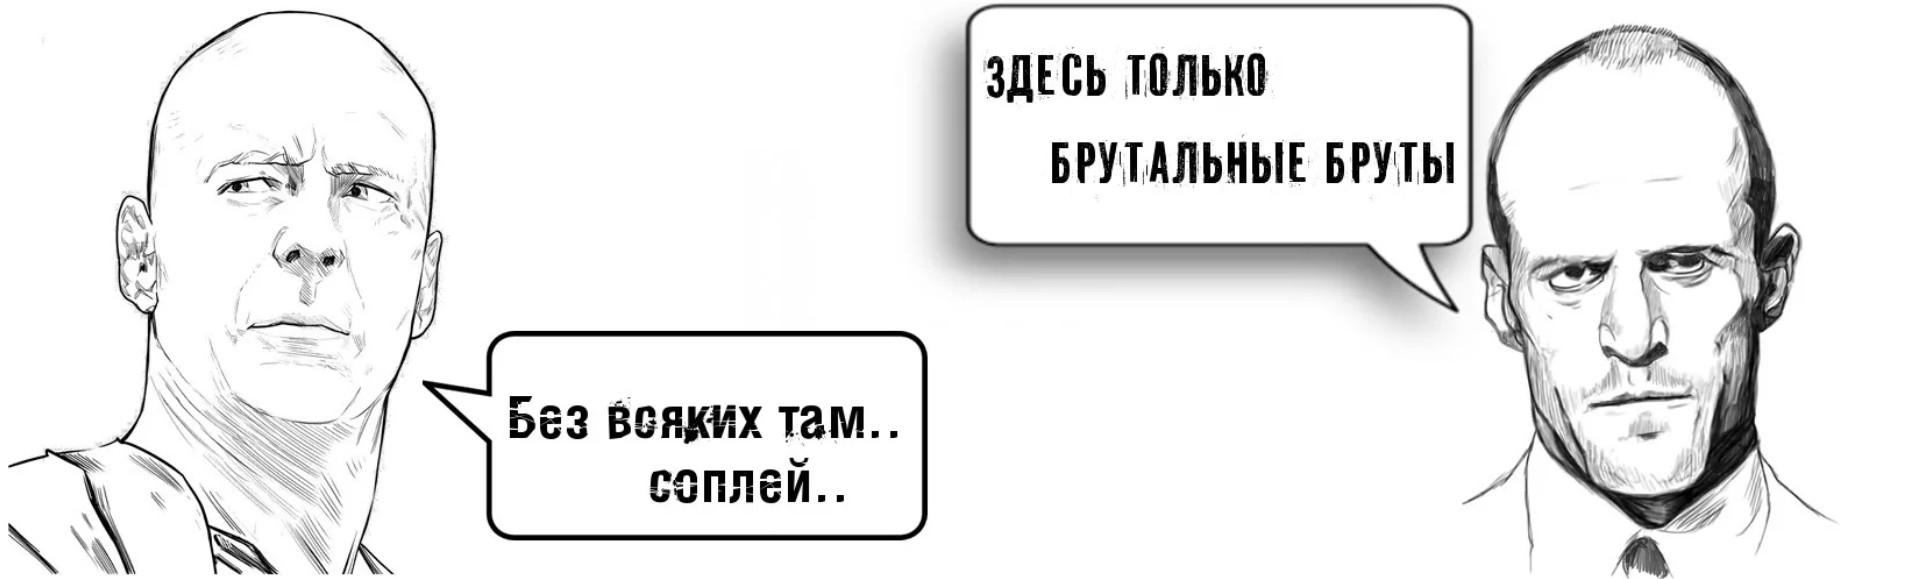 02-01-2021-011637.jpg